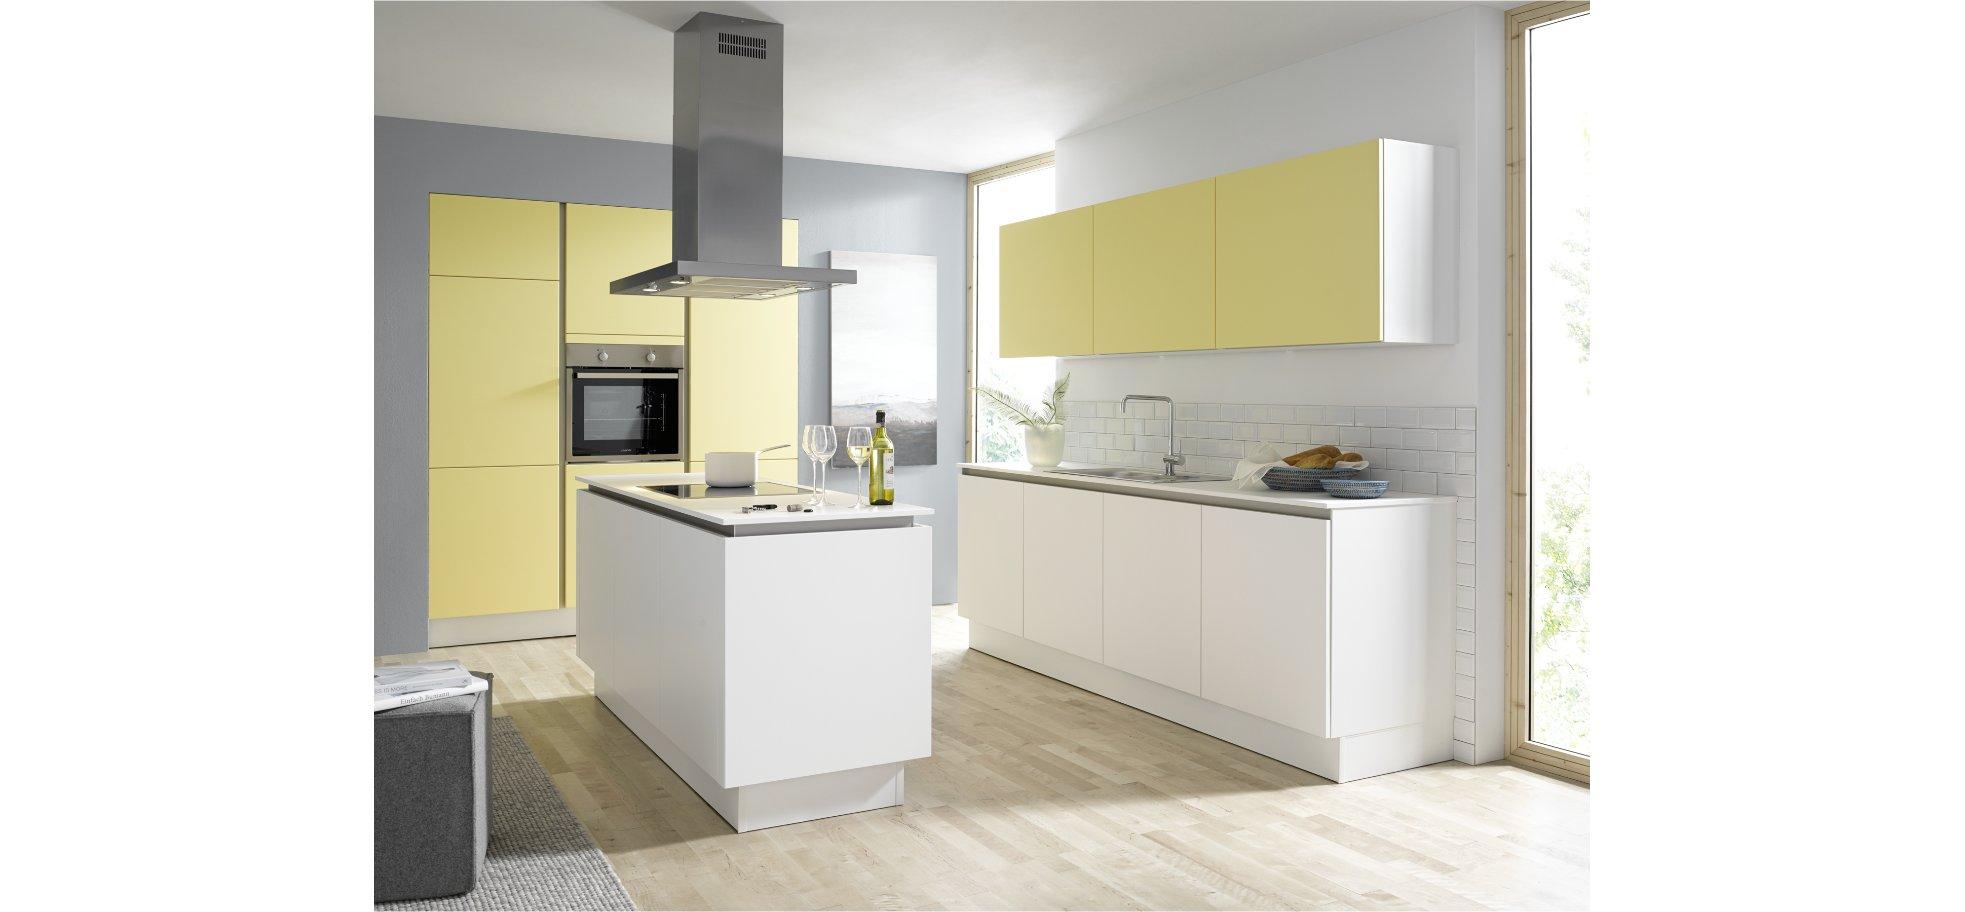 Full Size of Einbauküche Ohne Kühlschrank Kaufen Komplettküche Billig Günstige Komplettküche Roller Komplettküche Küche Einbauküche Ohne Kühlschrank